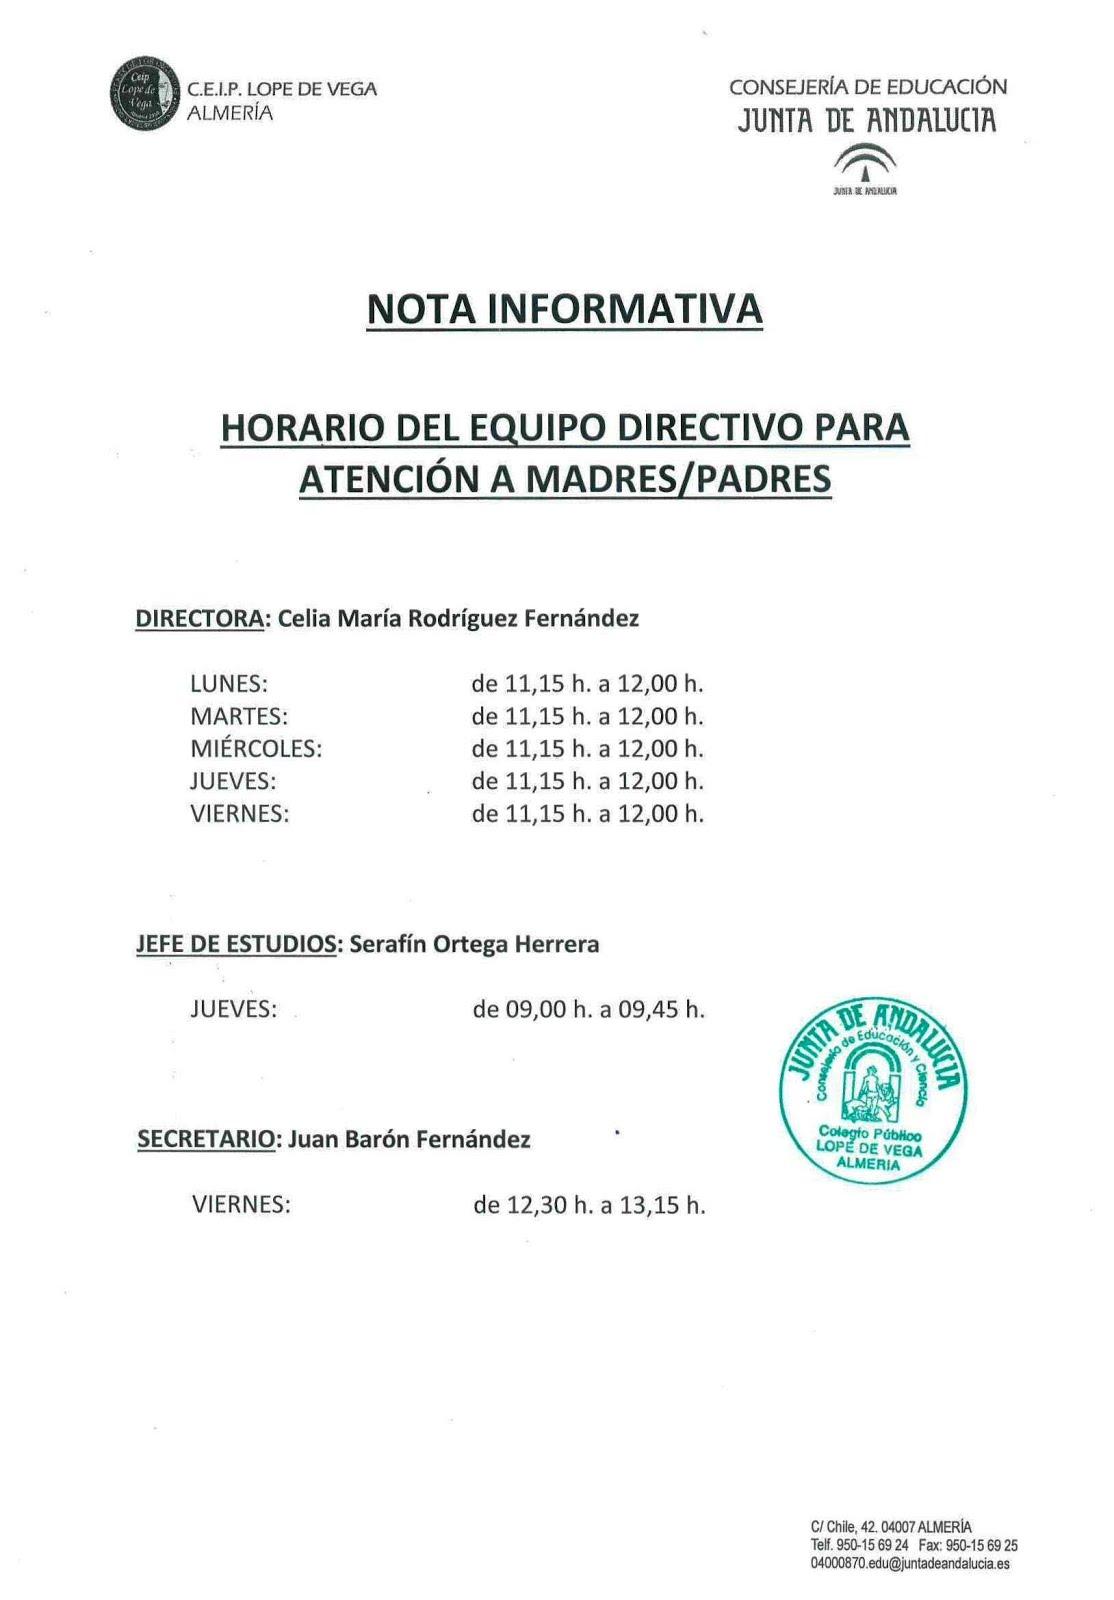 HORARIO EQUIPO DIRECTIVO